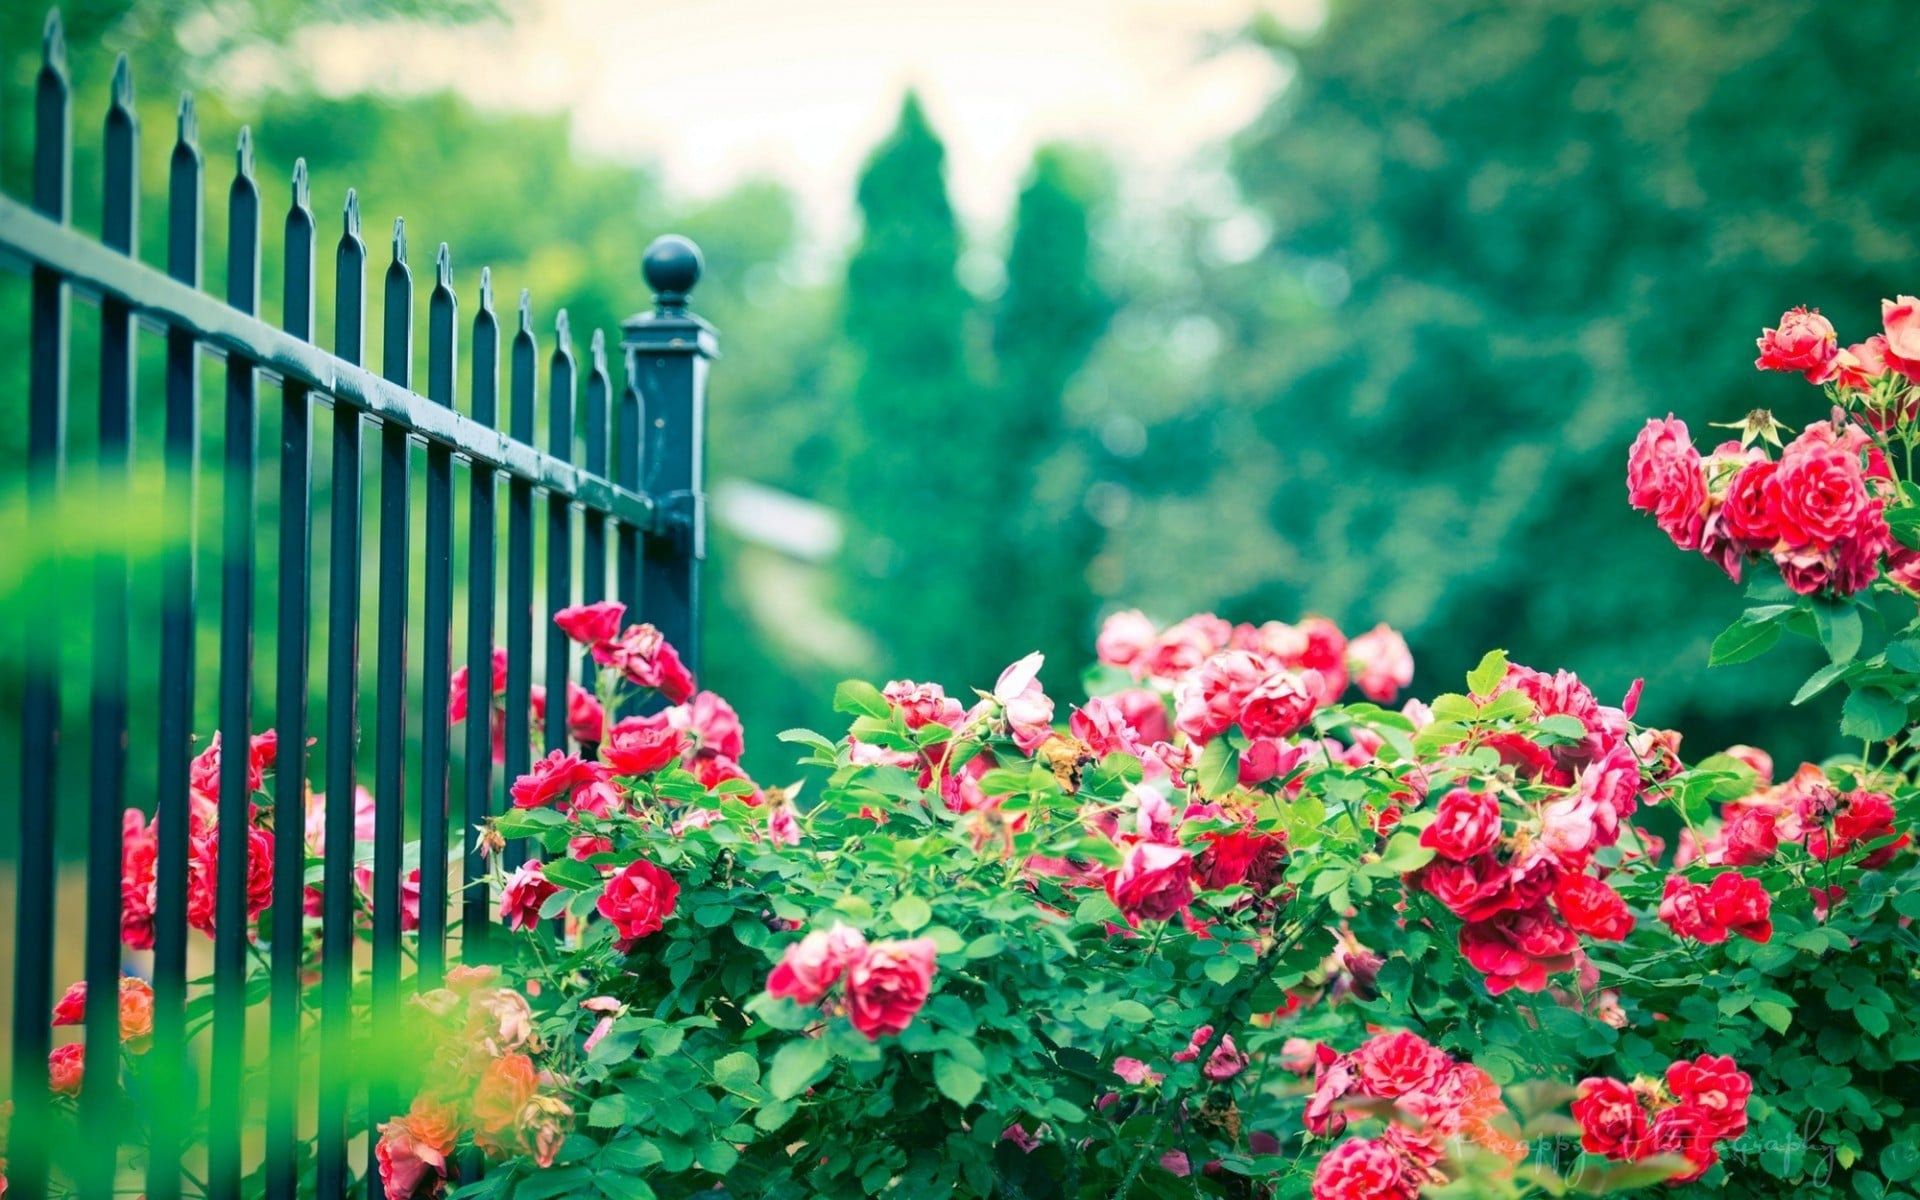 10 интересных фактов о розах, которые вам никто не расскажет